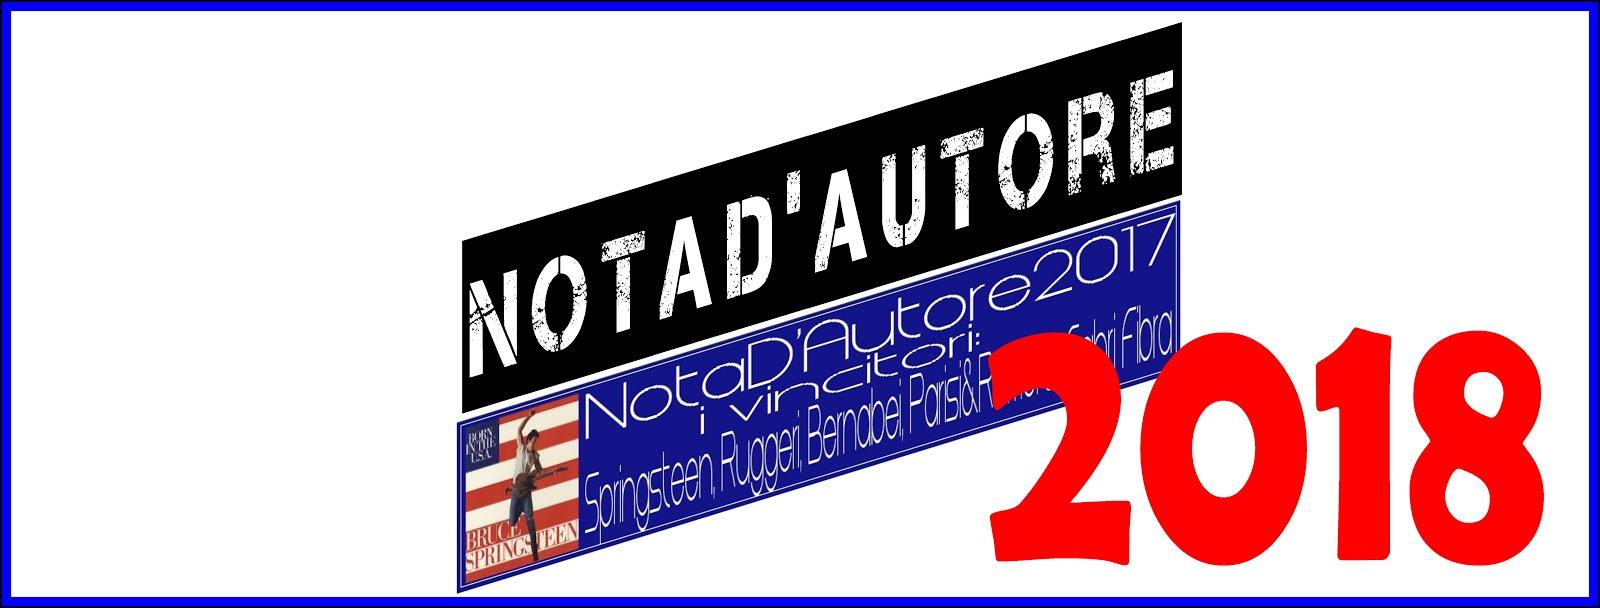 Premio Letterario 'NotaD'Autore2018'